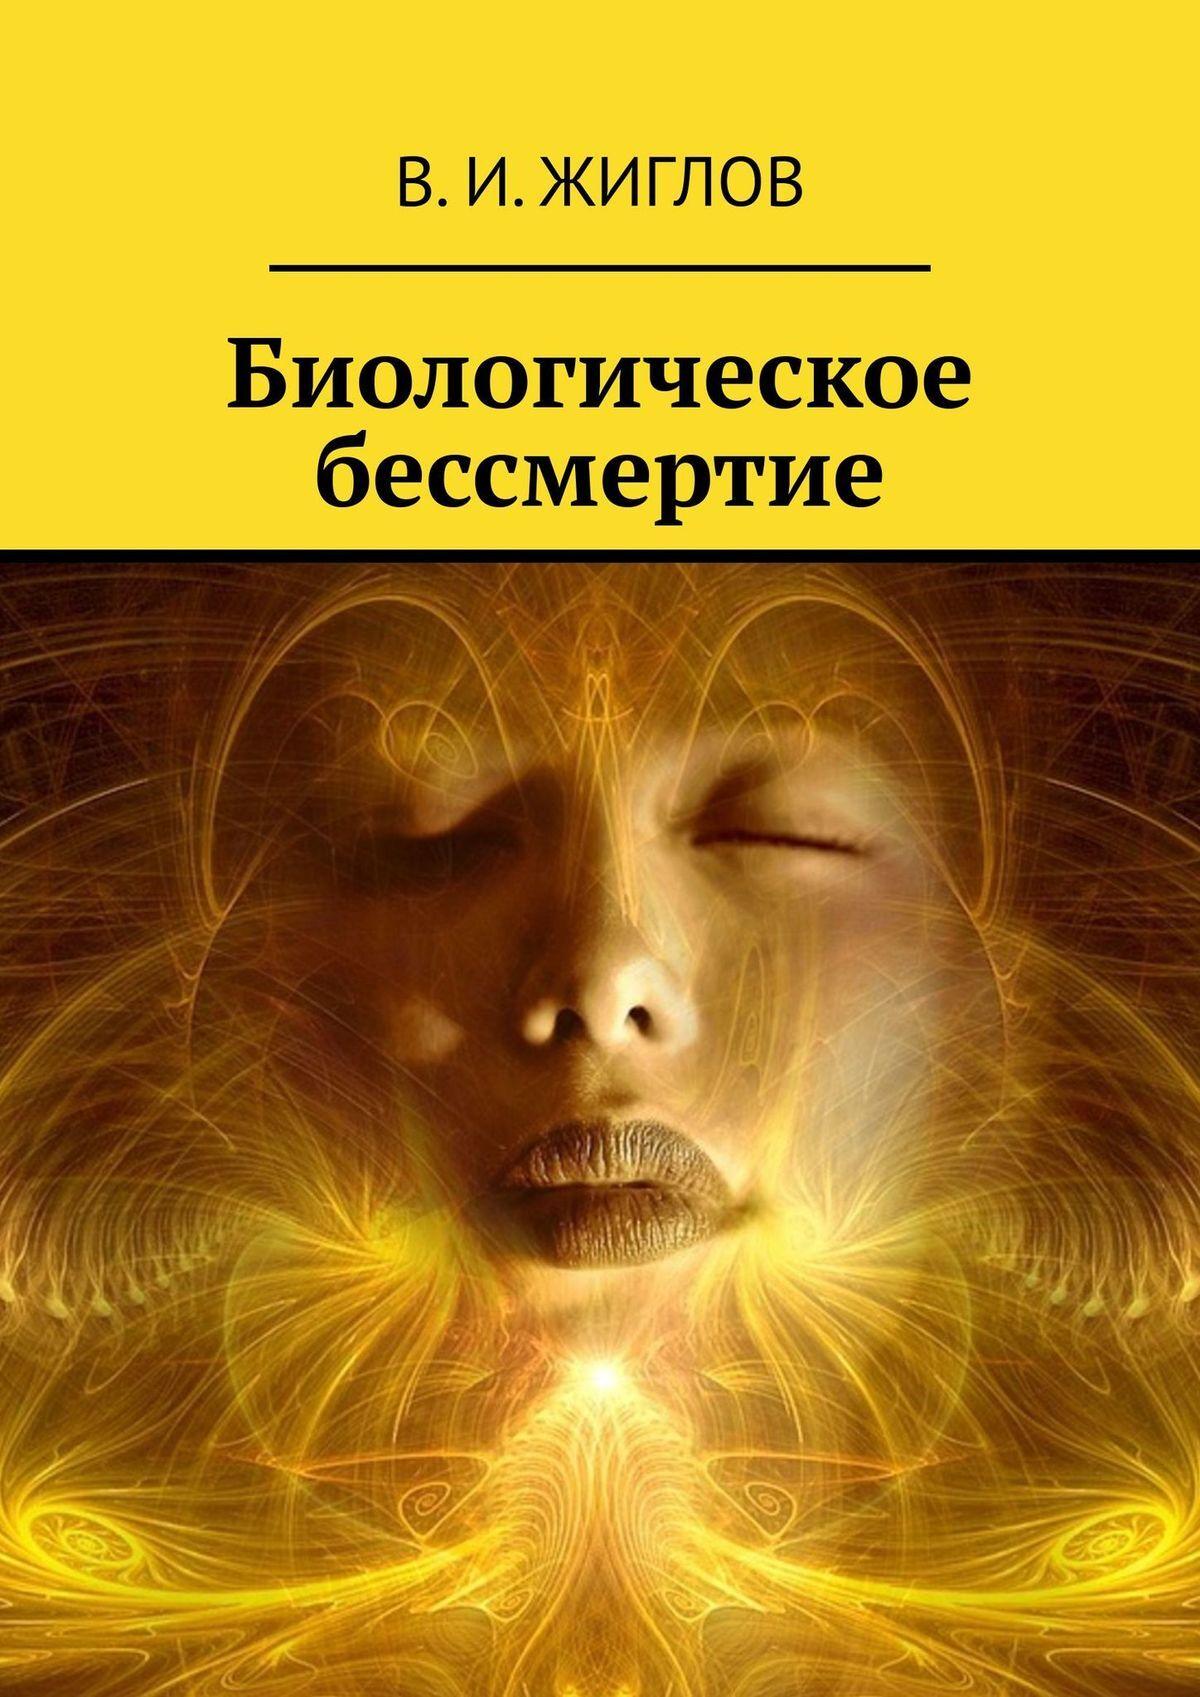 В. И. Жиглов Биологическое бессмертие